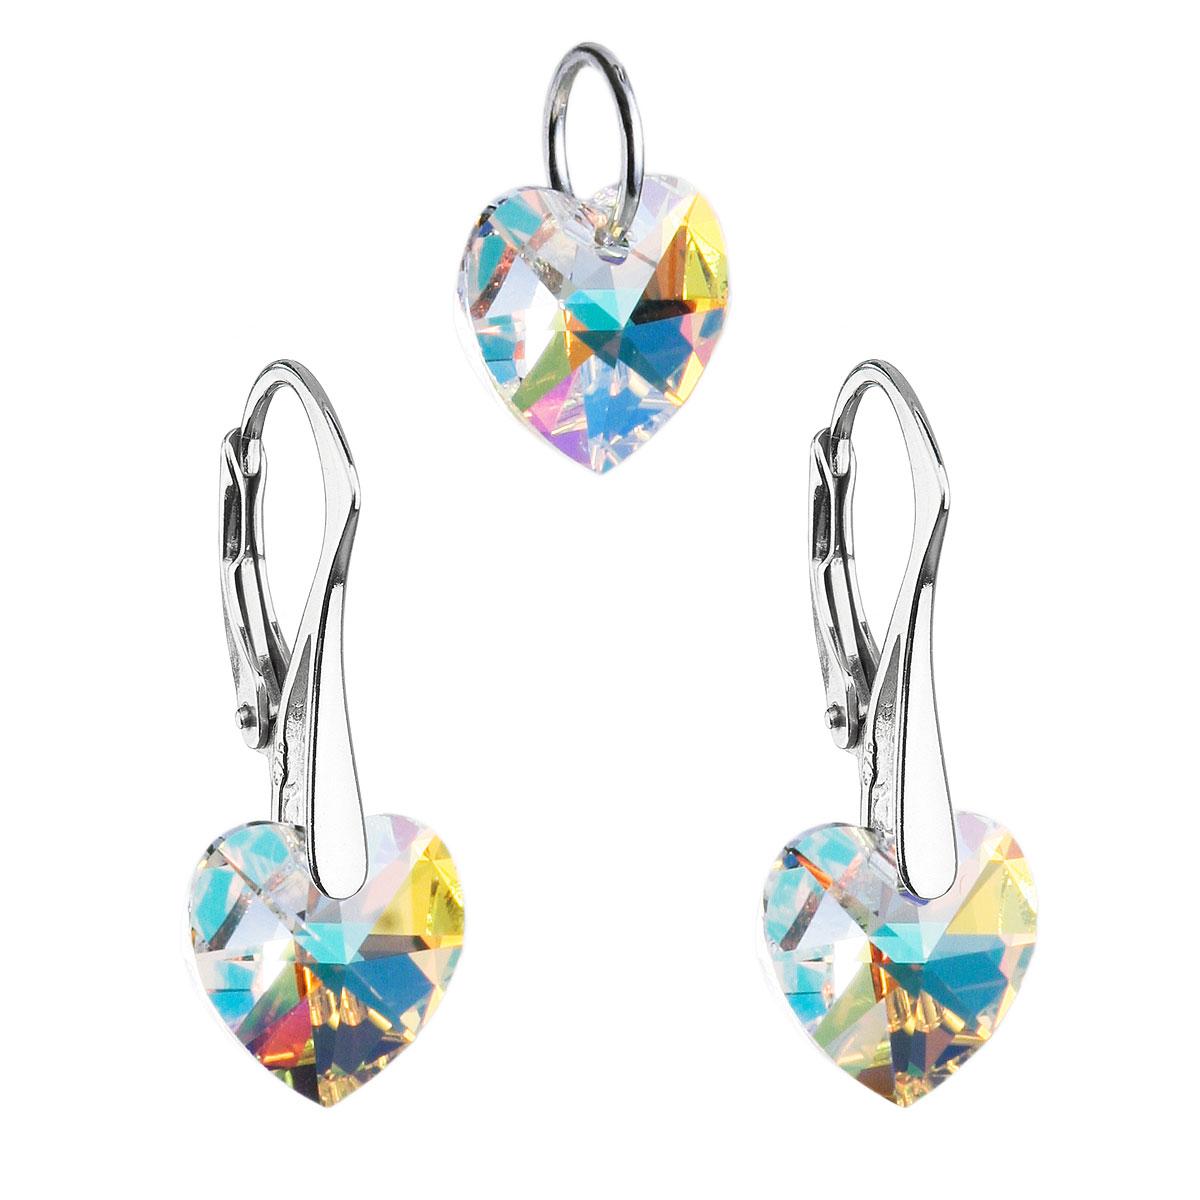 Sada šperků s krystaly Swarovski náušnice a přívěsek AB efekt srdce 39003.2